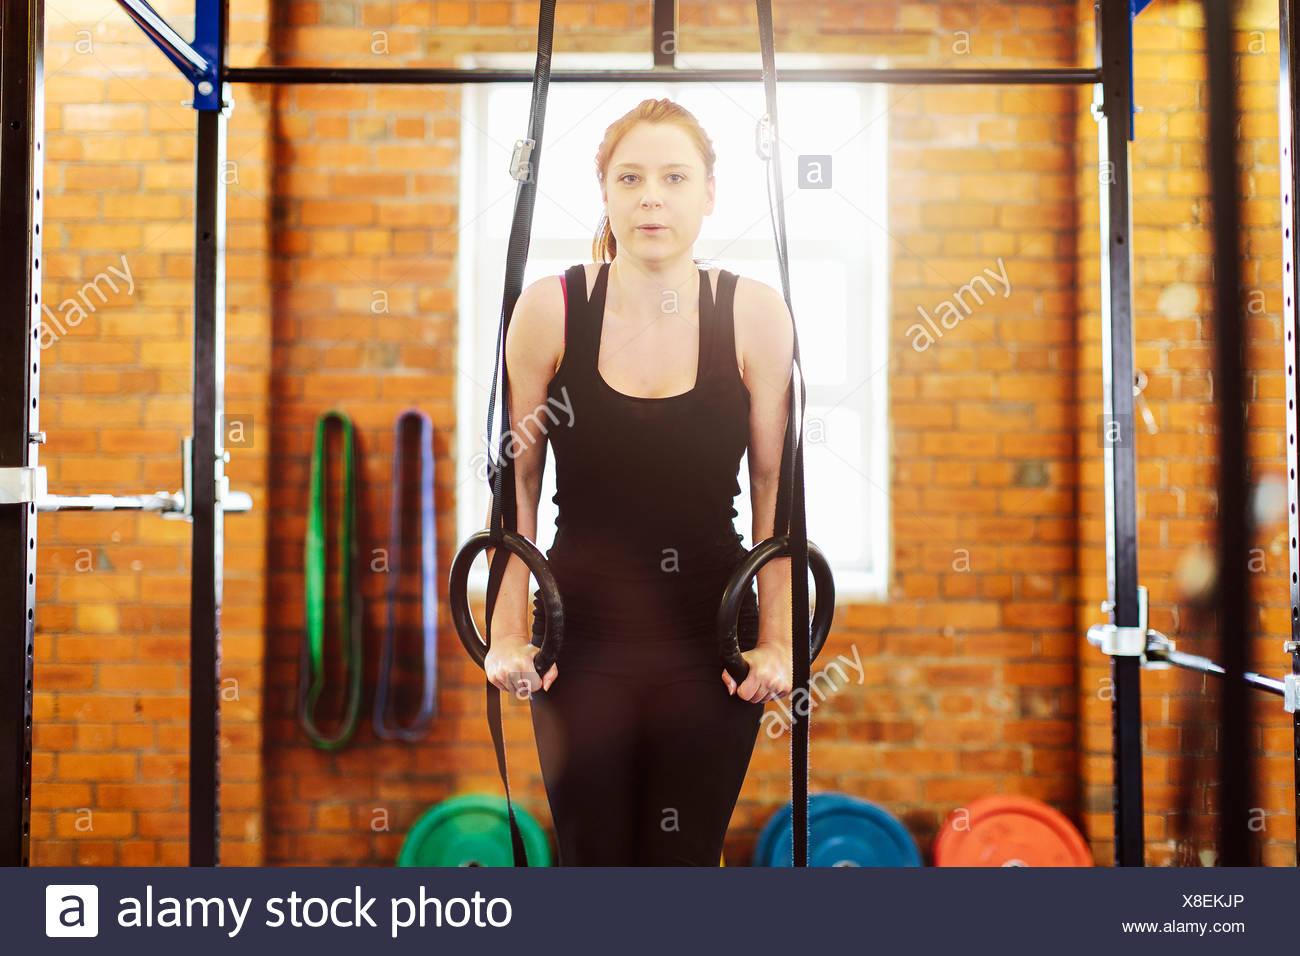 Mujer tirando anillos suspendidos en el gimnasio Imagen De Stock